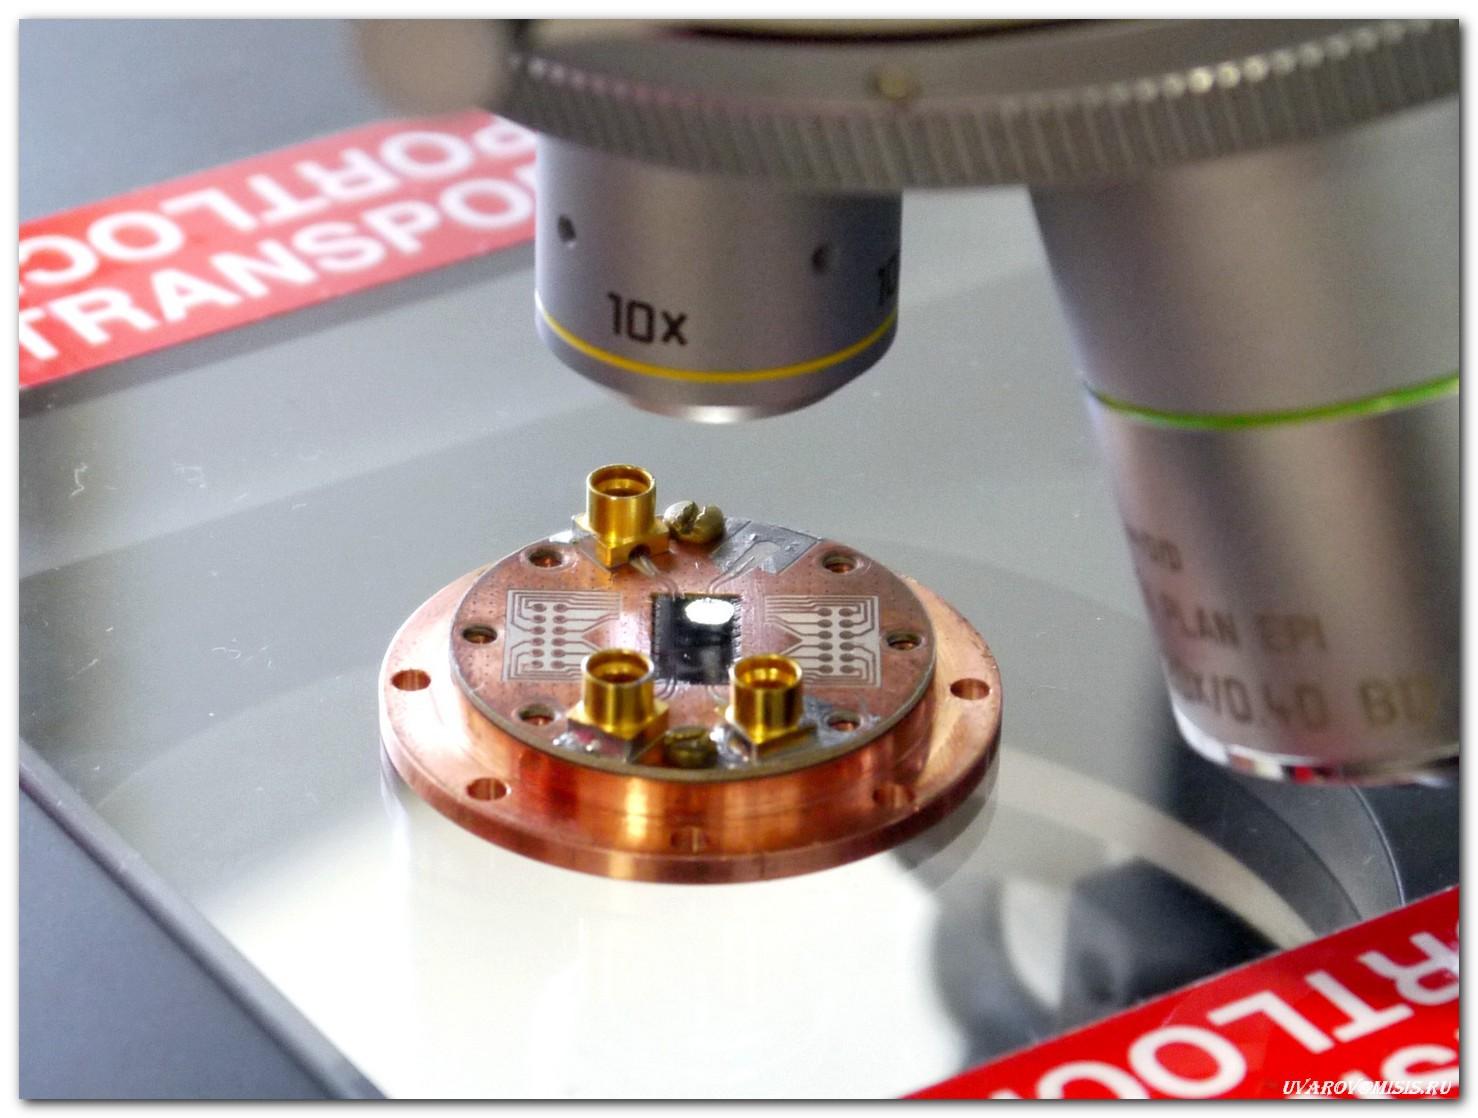 Лаборатории НИТУ «МИСиС»: от разделения наночастиц магнетита до создания квантового компьютера - 19